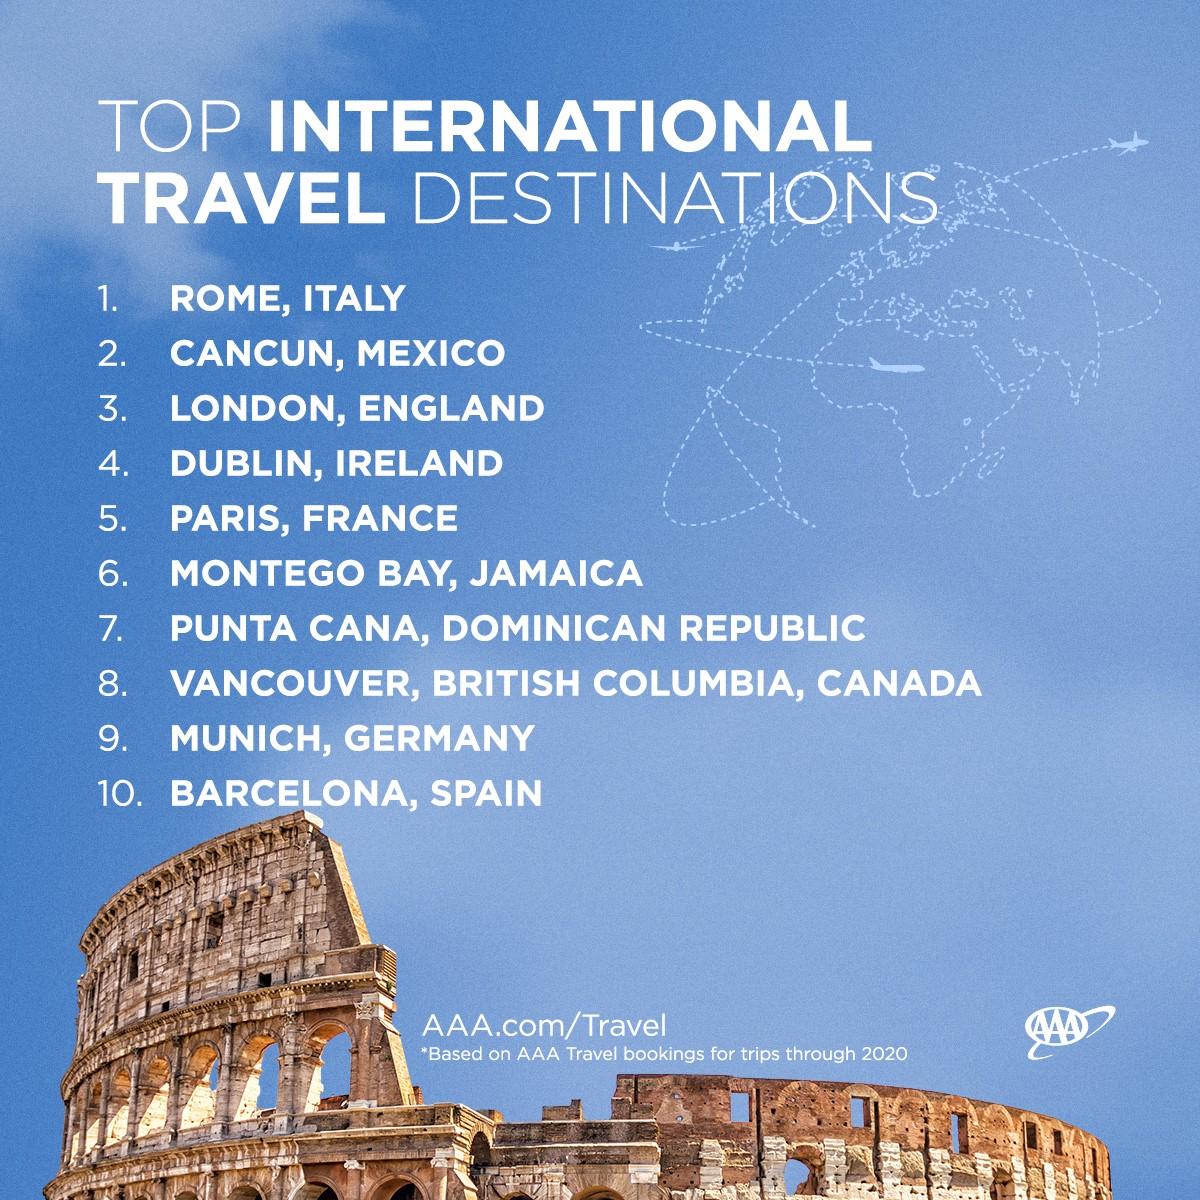 مؤسسة AAA الأمريكيون يحبون السفر الدولي والملايين يخططون للسفر إلى الخارج